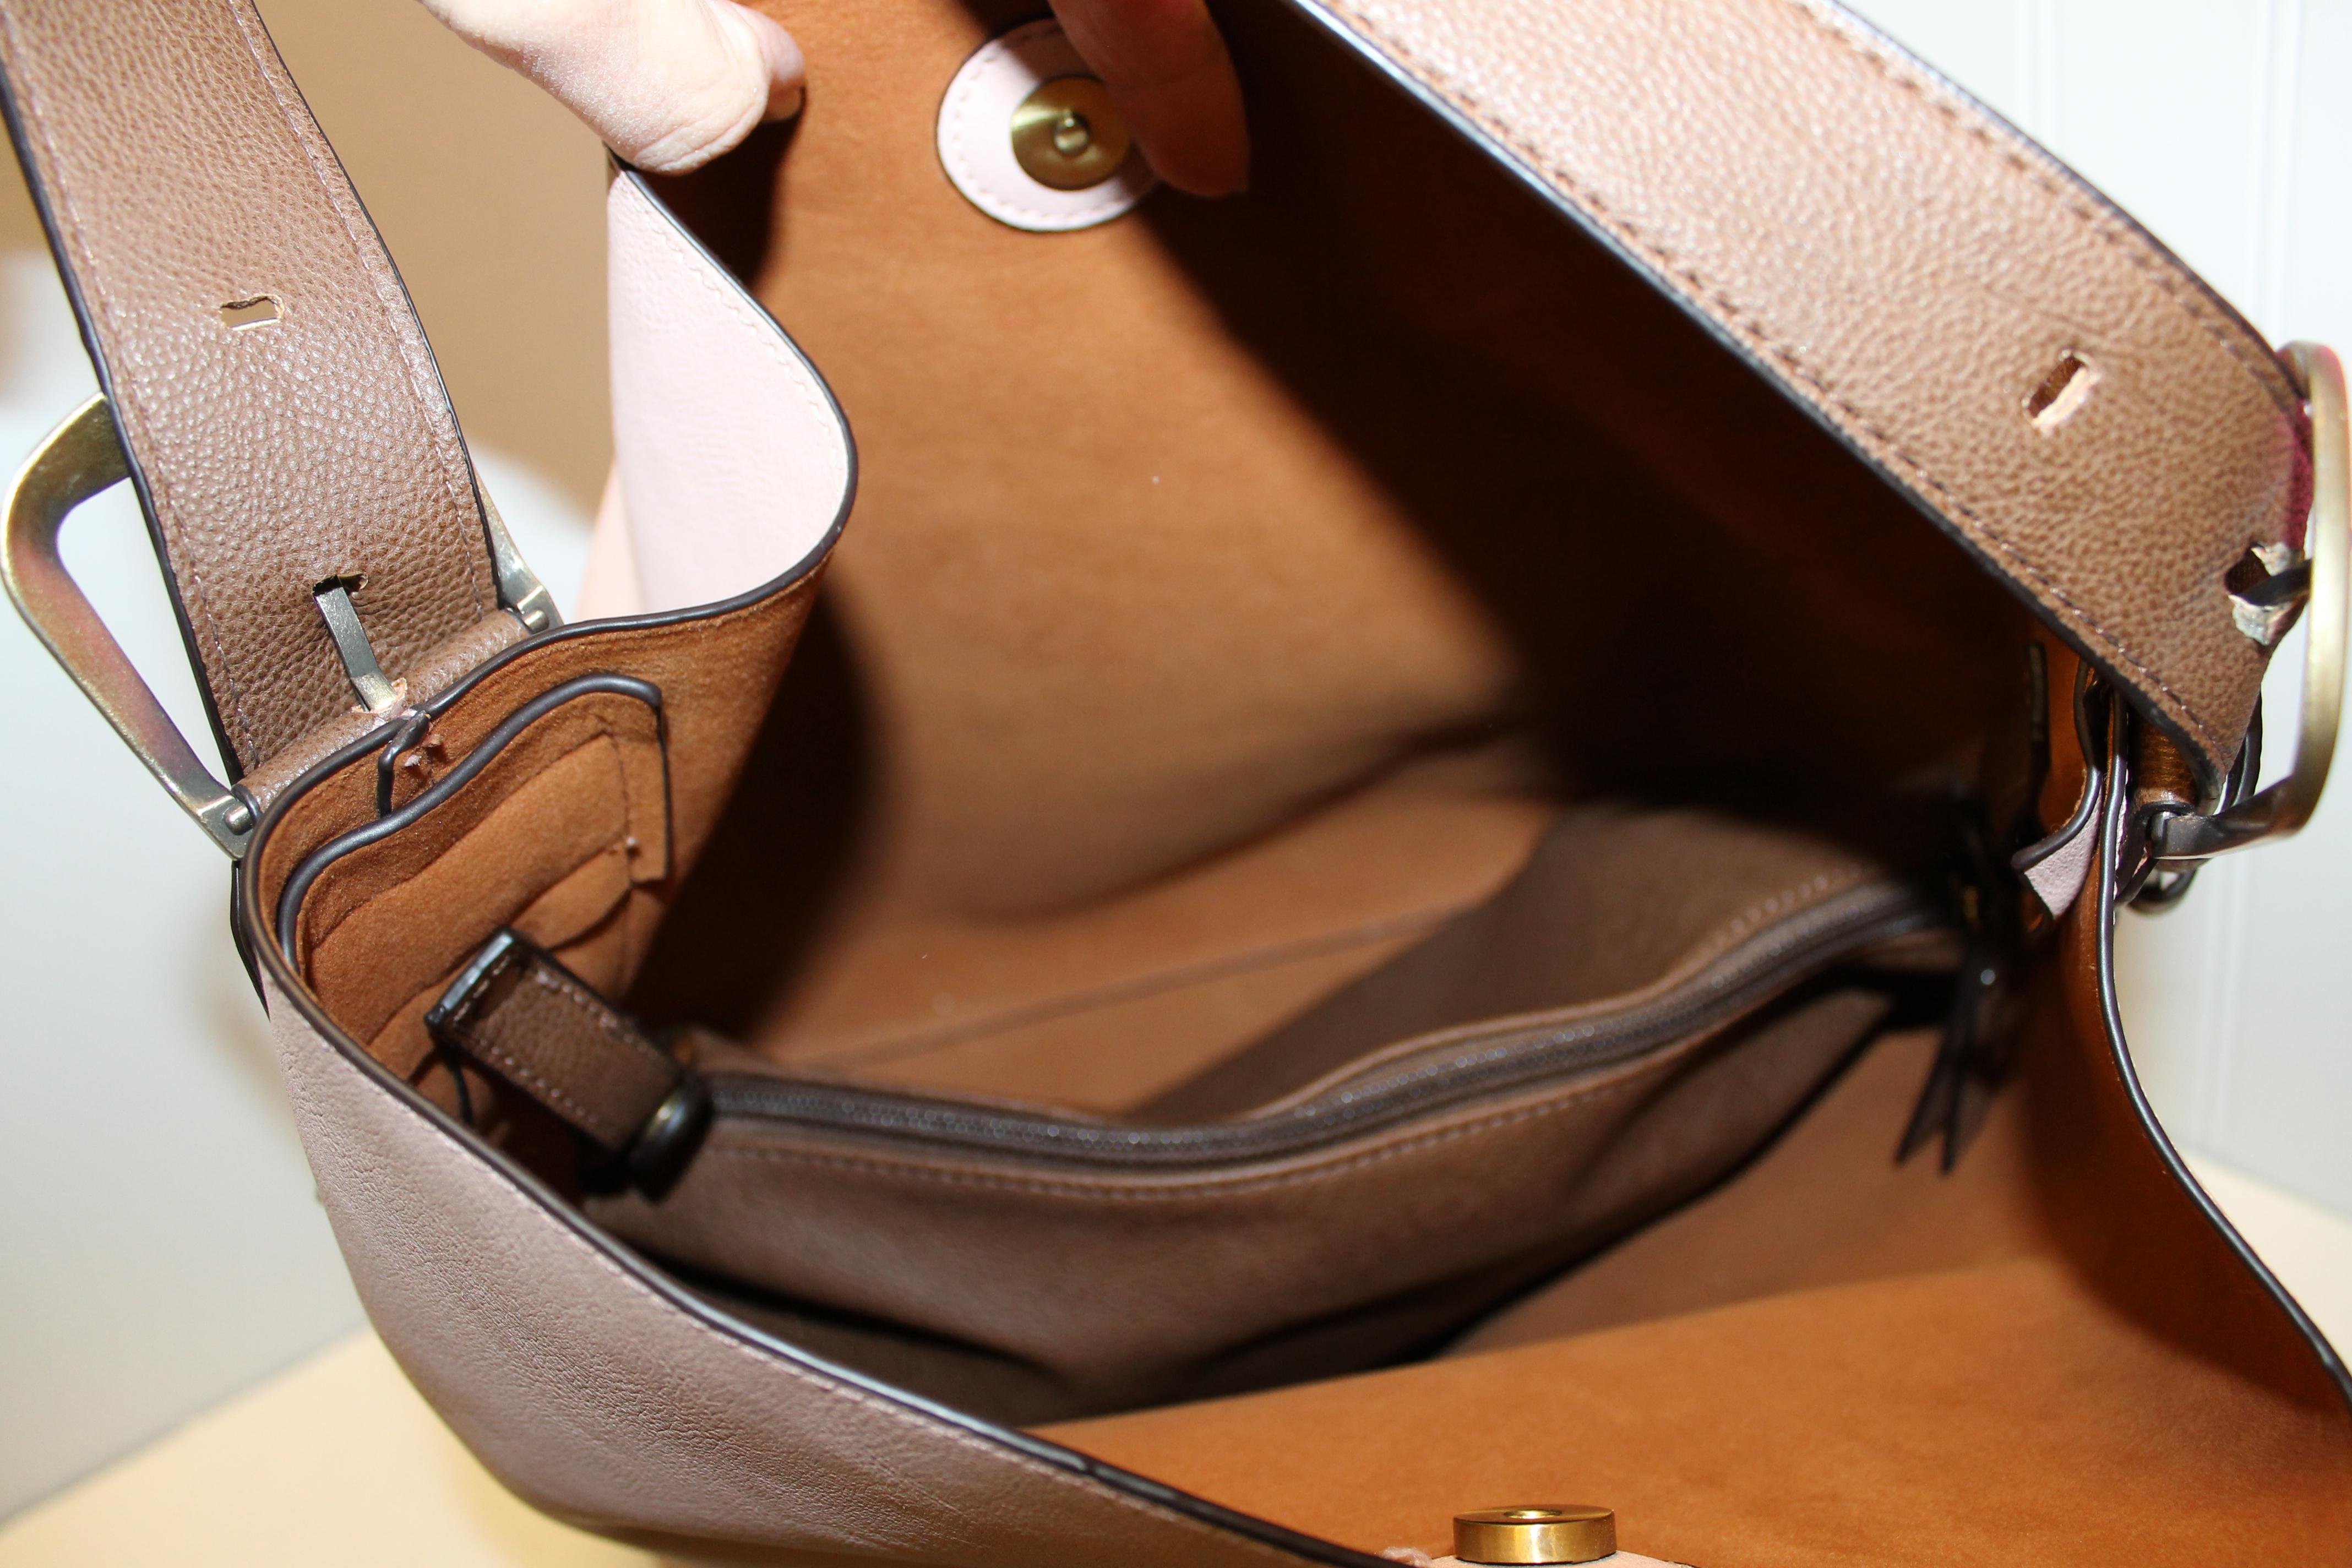 SUSAN-JOY-PALE-PINK-AND-BROWN-Leather-Solid-SHOULDER-BAG_88567E.jpg